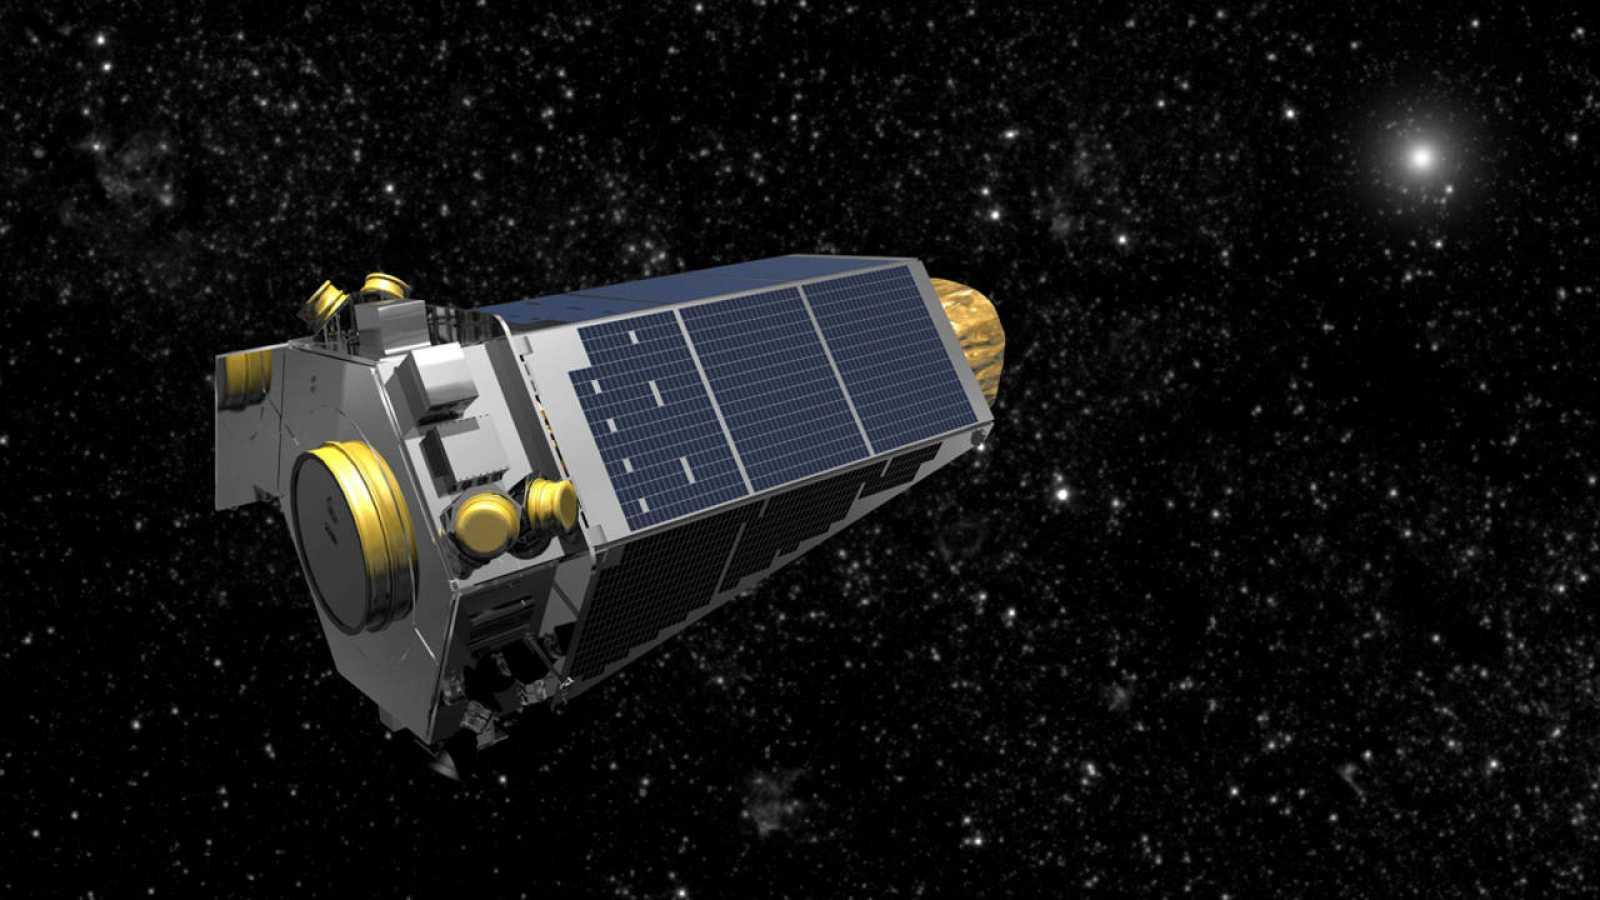 Kepler se encuentra a más de 120 millones de kilómetros de la Tierra.